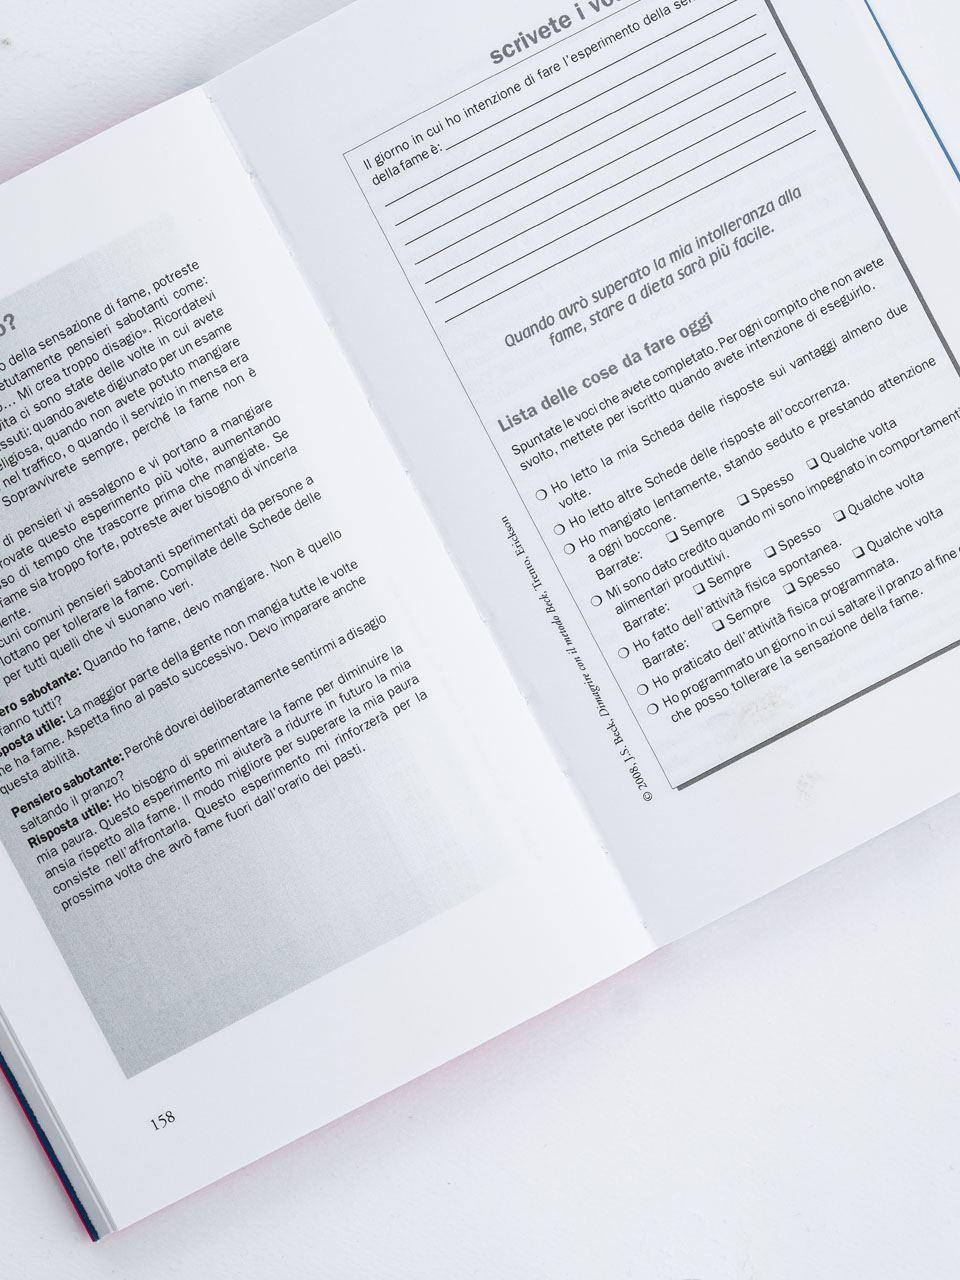 Dimagrire con il metodo Beck - Libri - Erickson 2